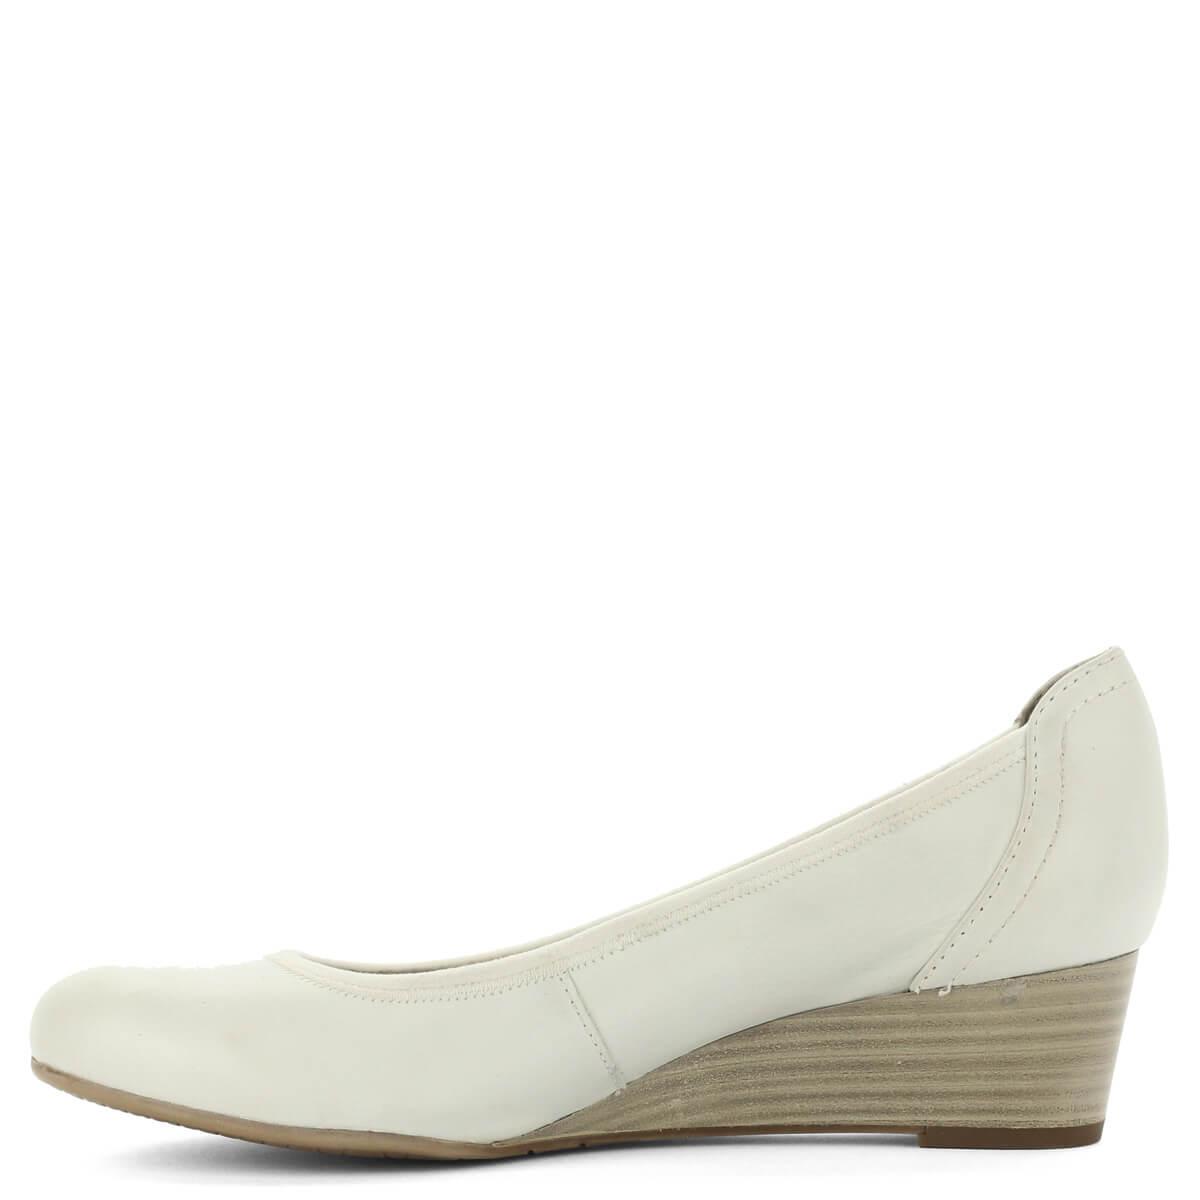 ... Telitalpú fehér Tamaris cipő bőr felsőrésszel 90be945834